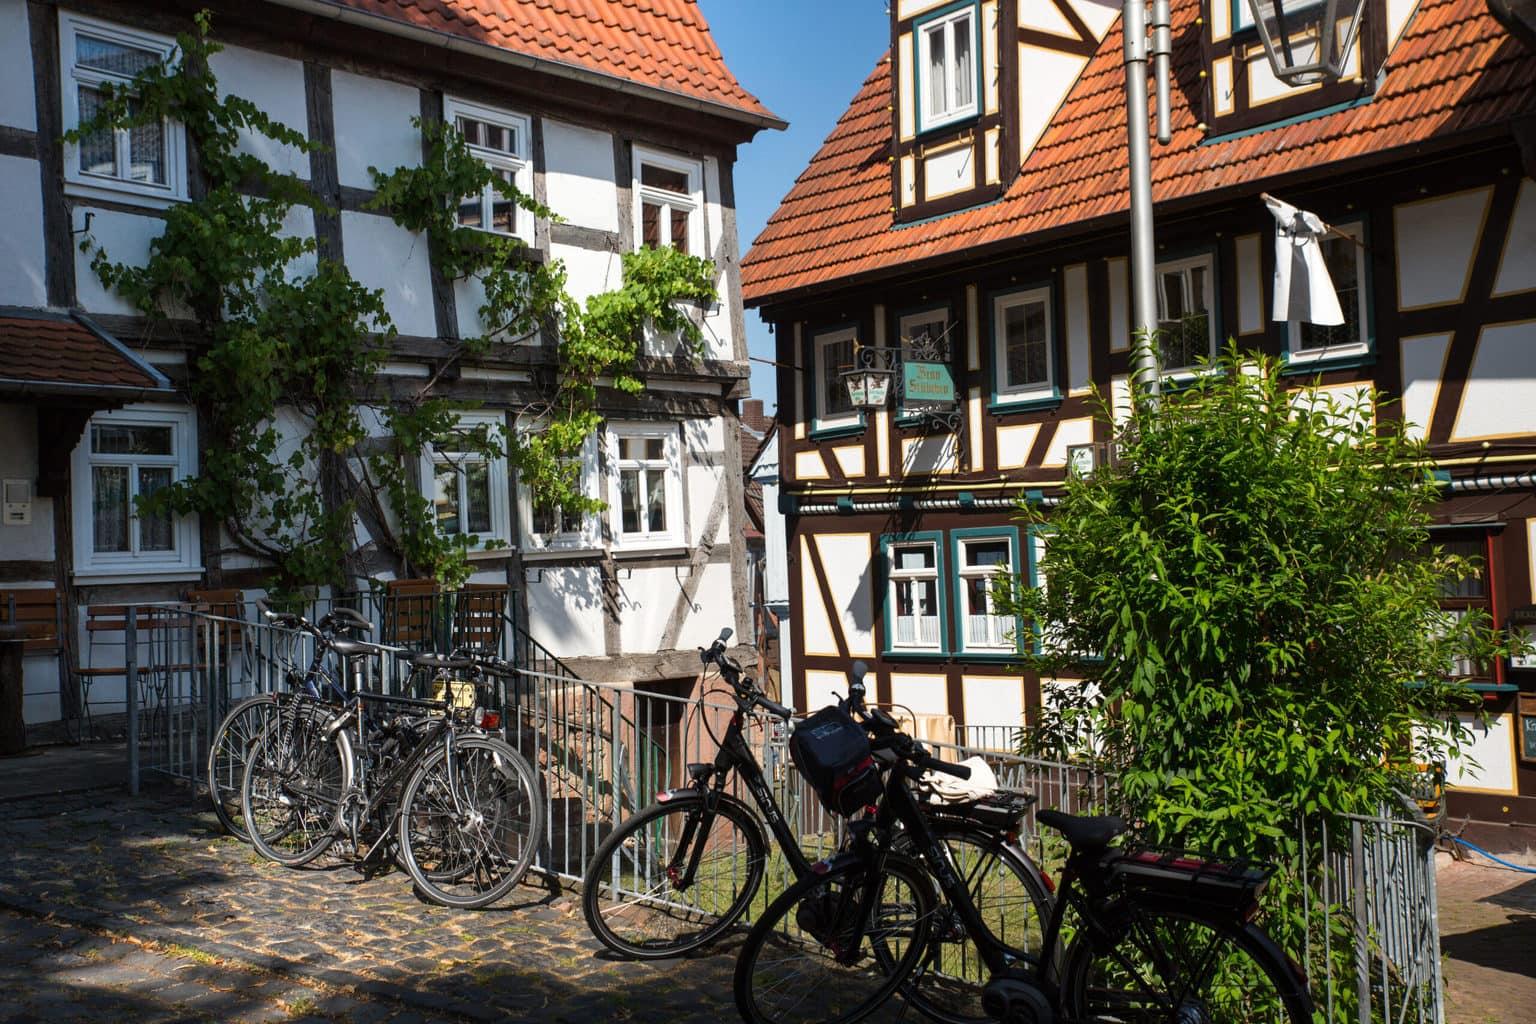 Fietsen en vakwerkhuizen in Hessen